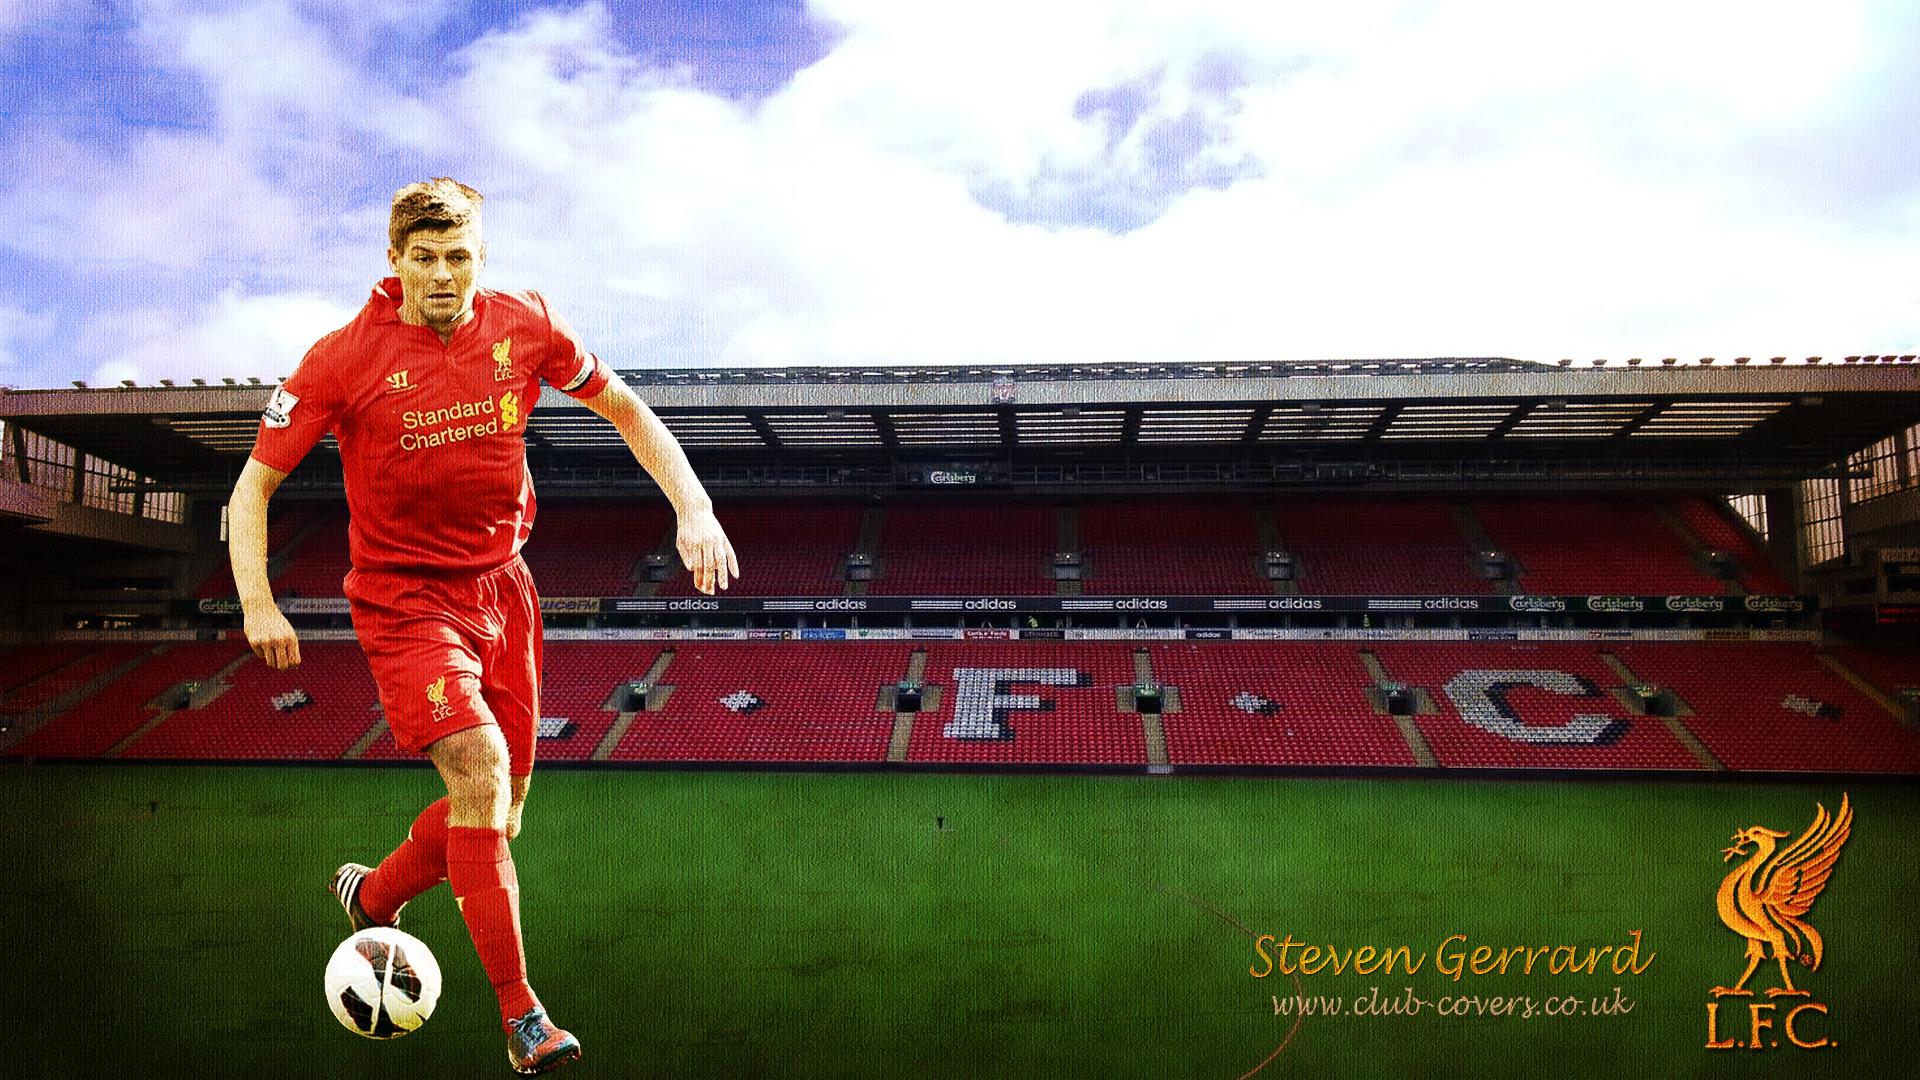 Steven Gerrard Wallpaper 2013 1